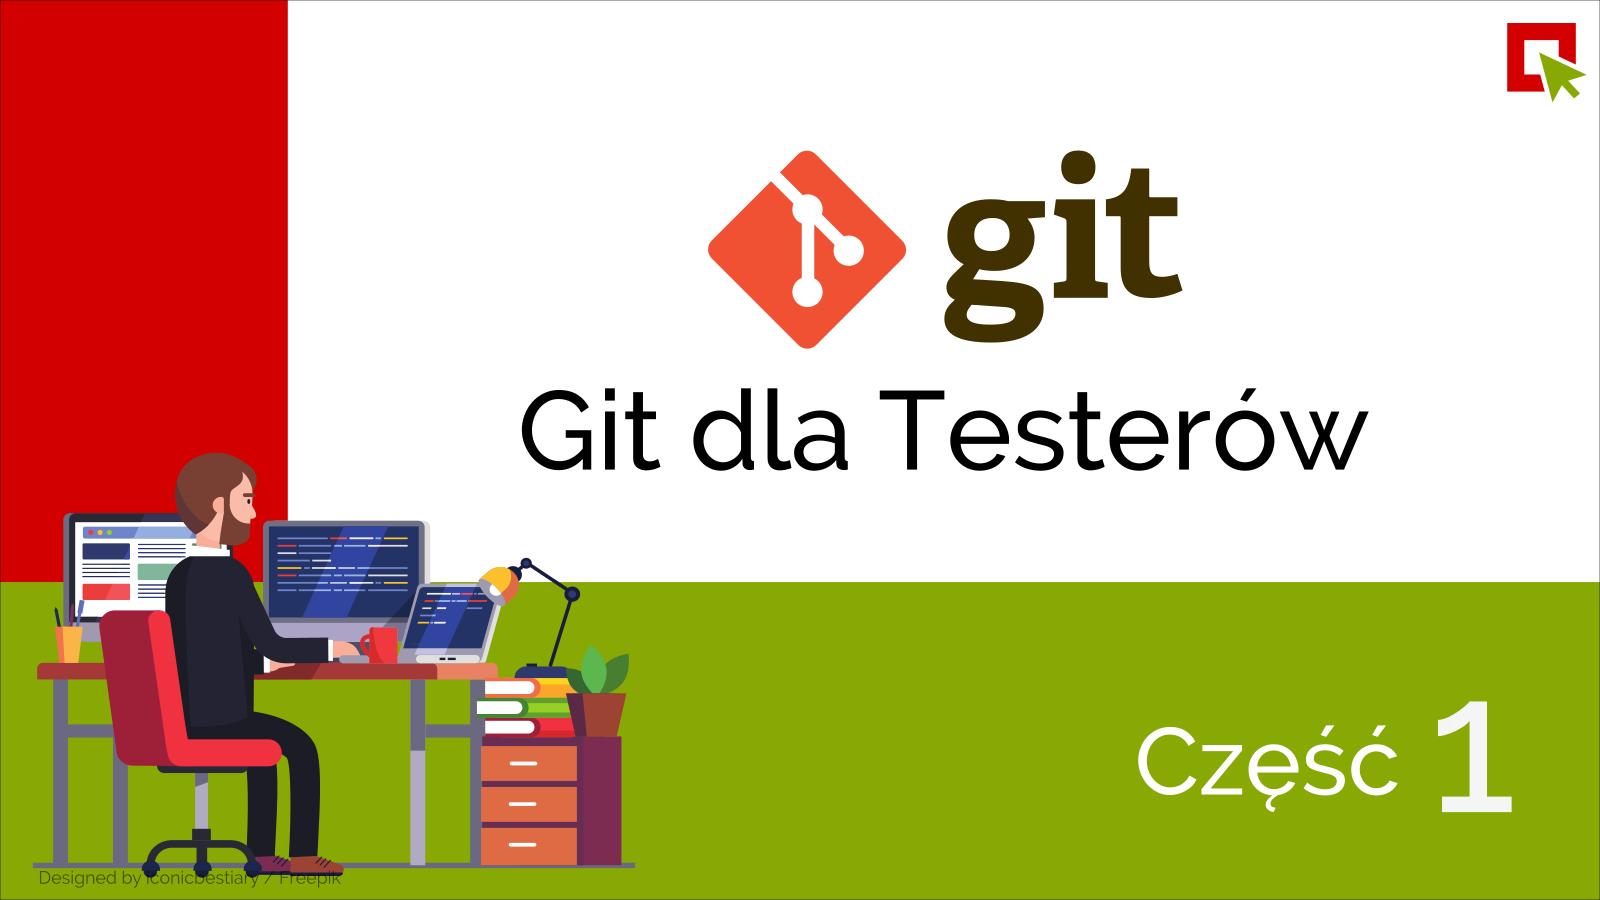 Git dla Testerów